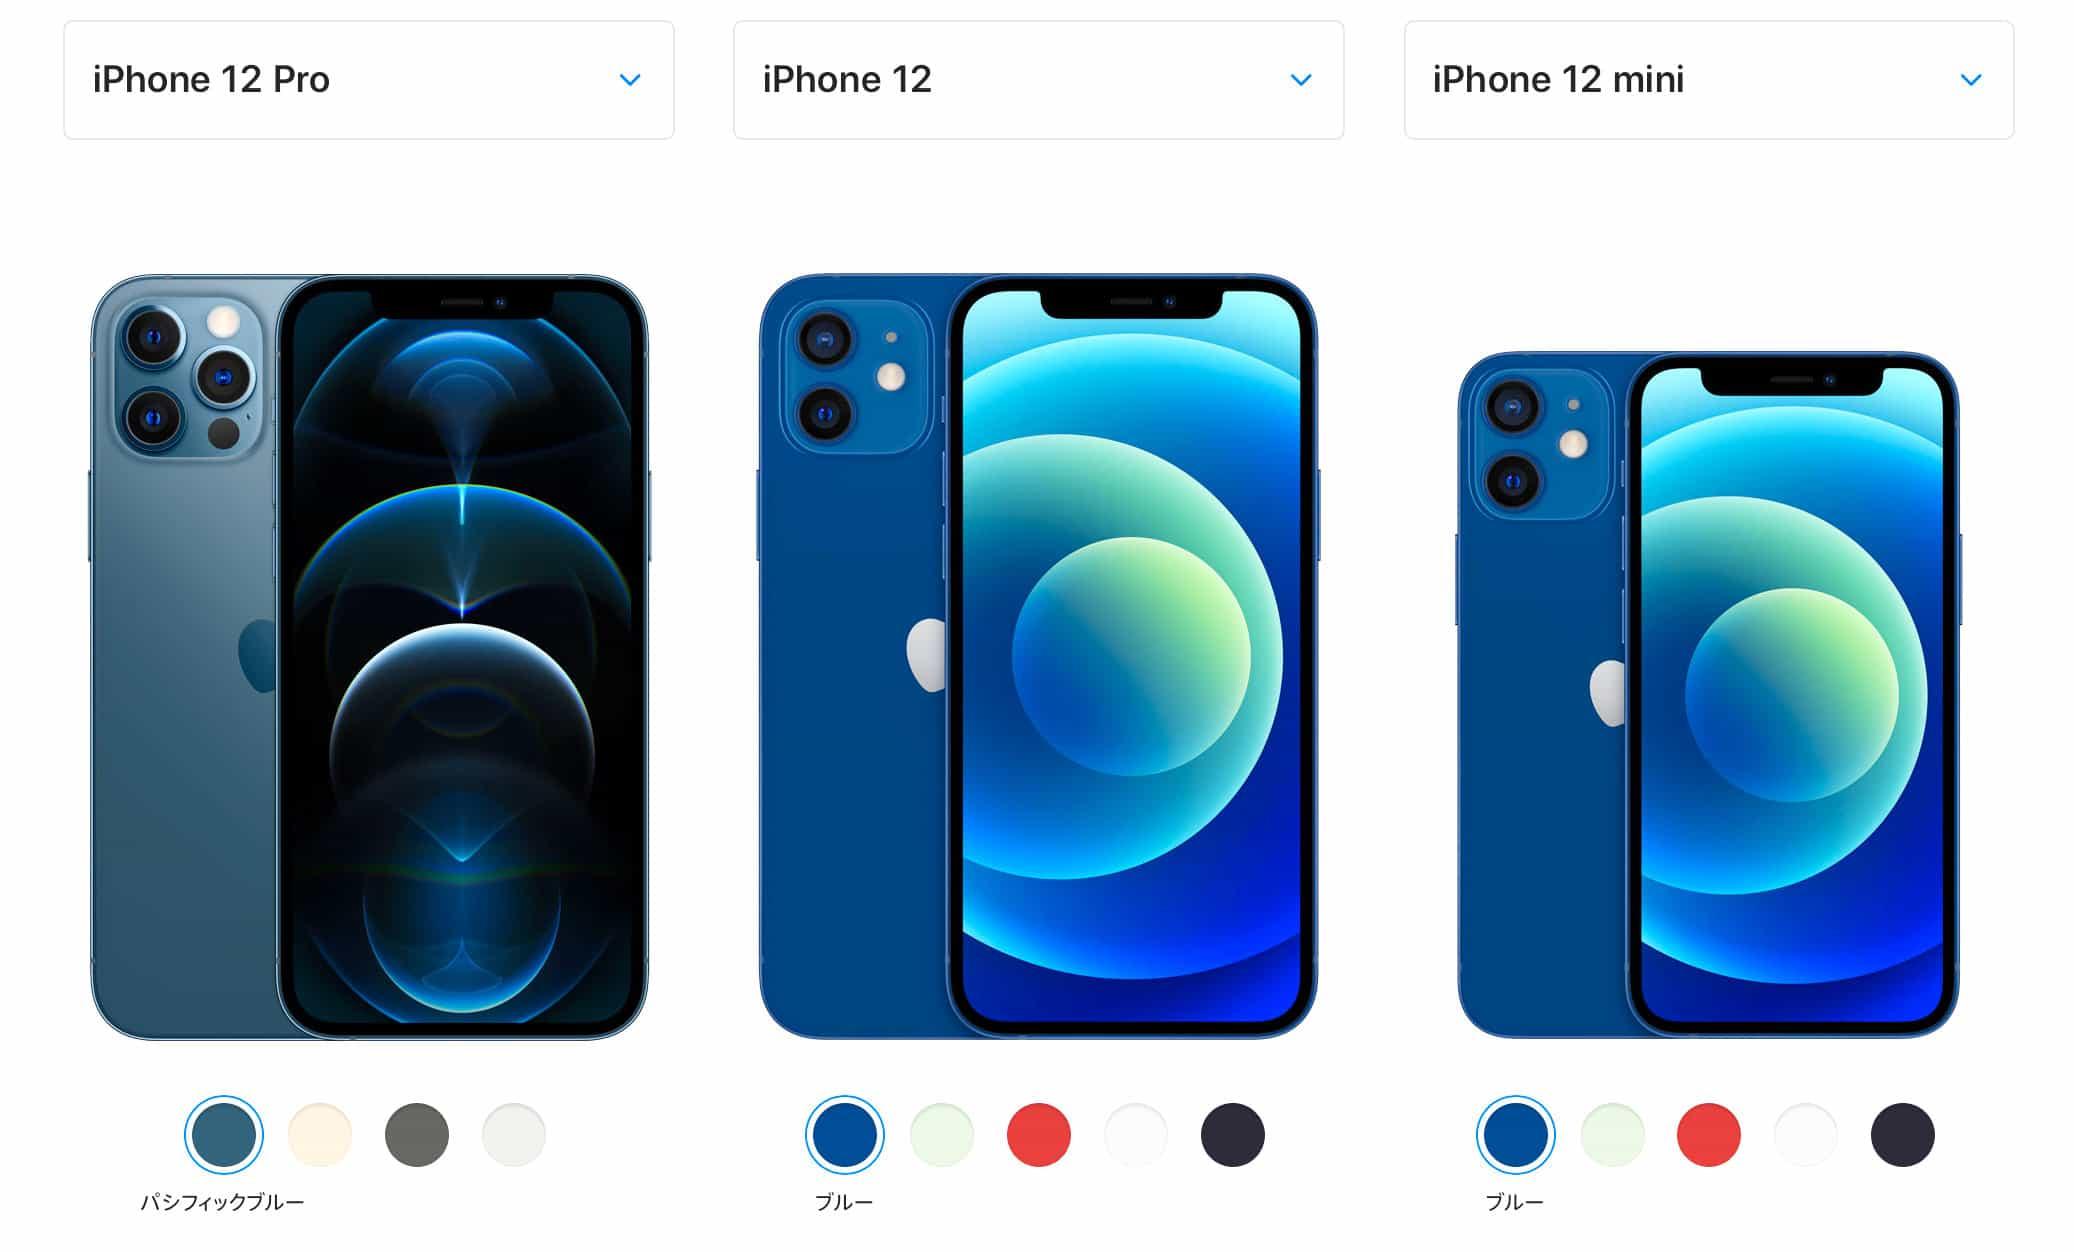 iPhone 12 シリーズが発表されましたね。気になる点をサクッとまとめる